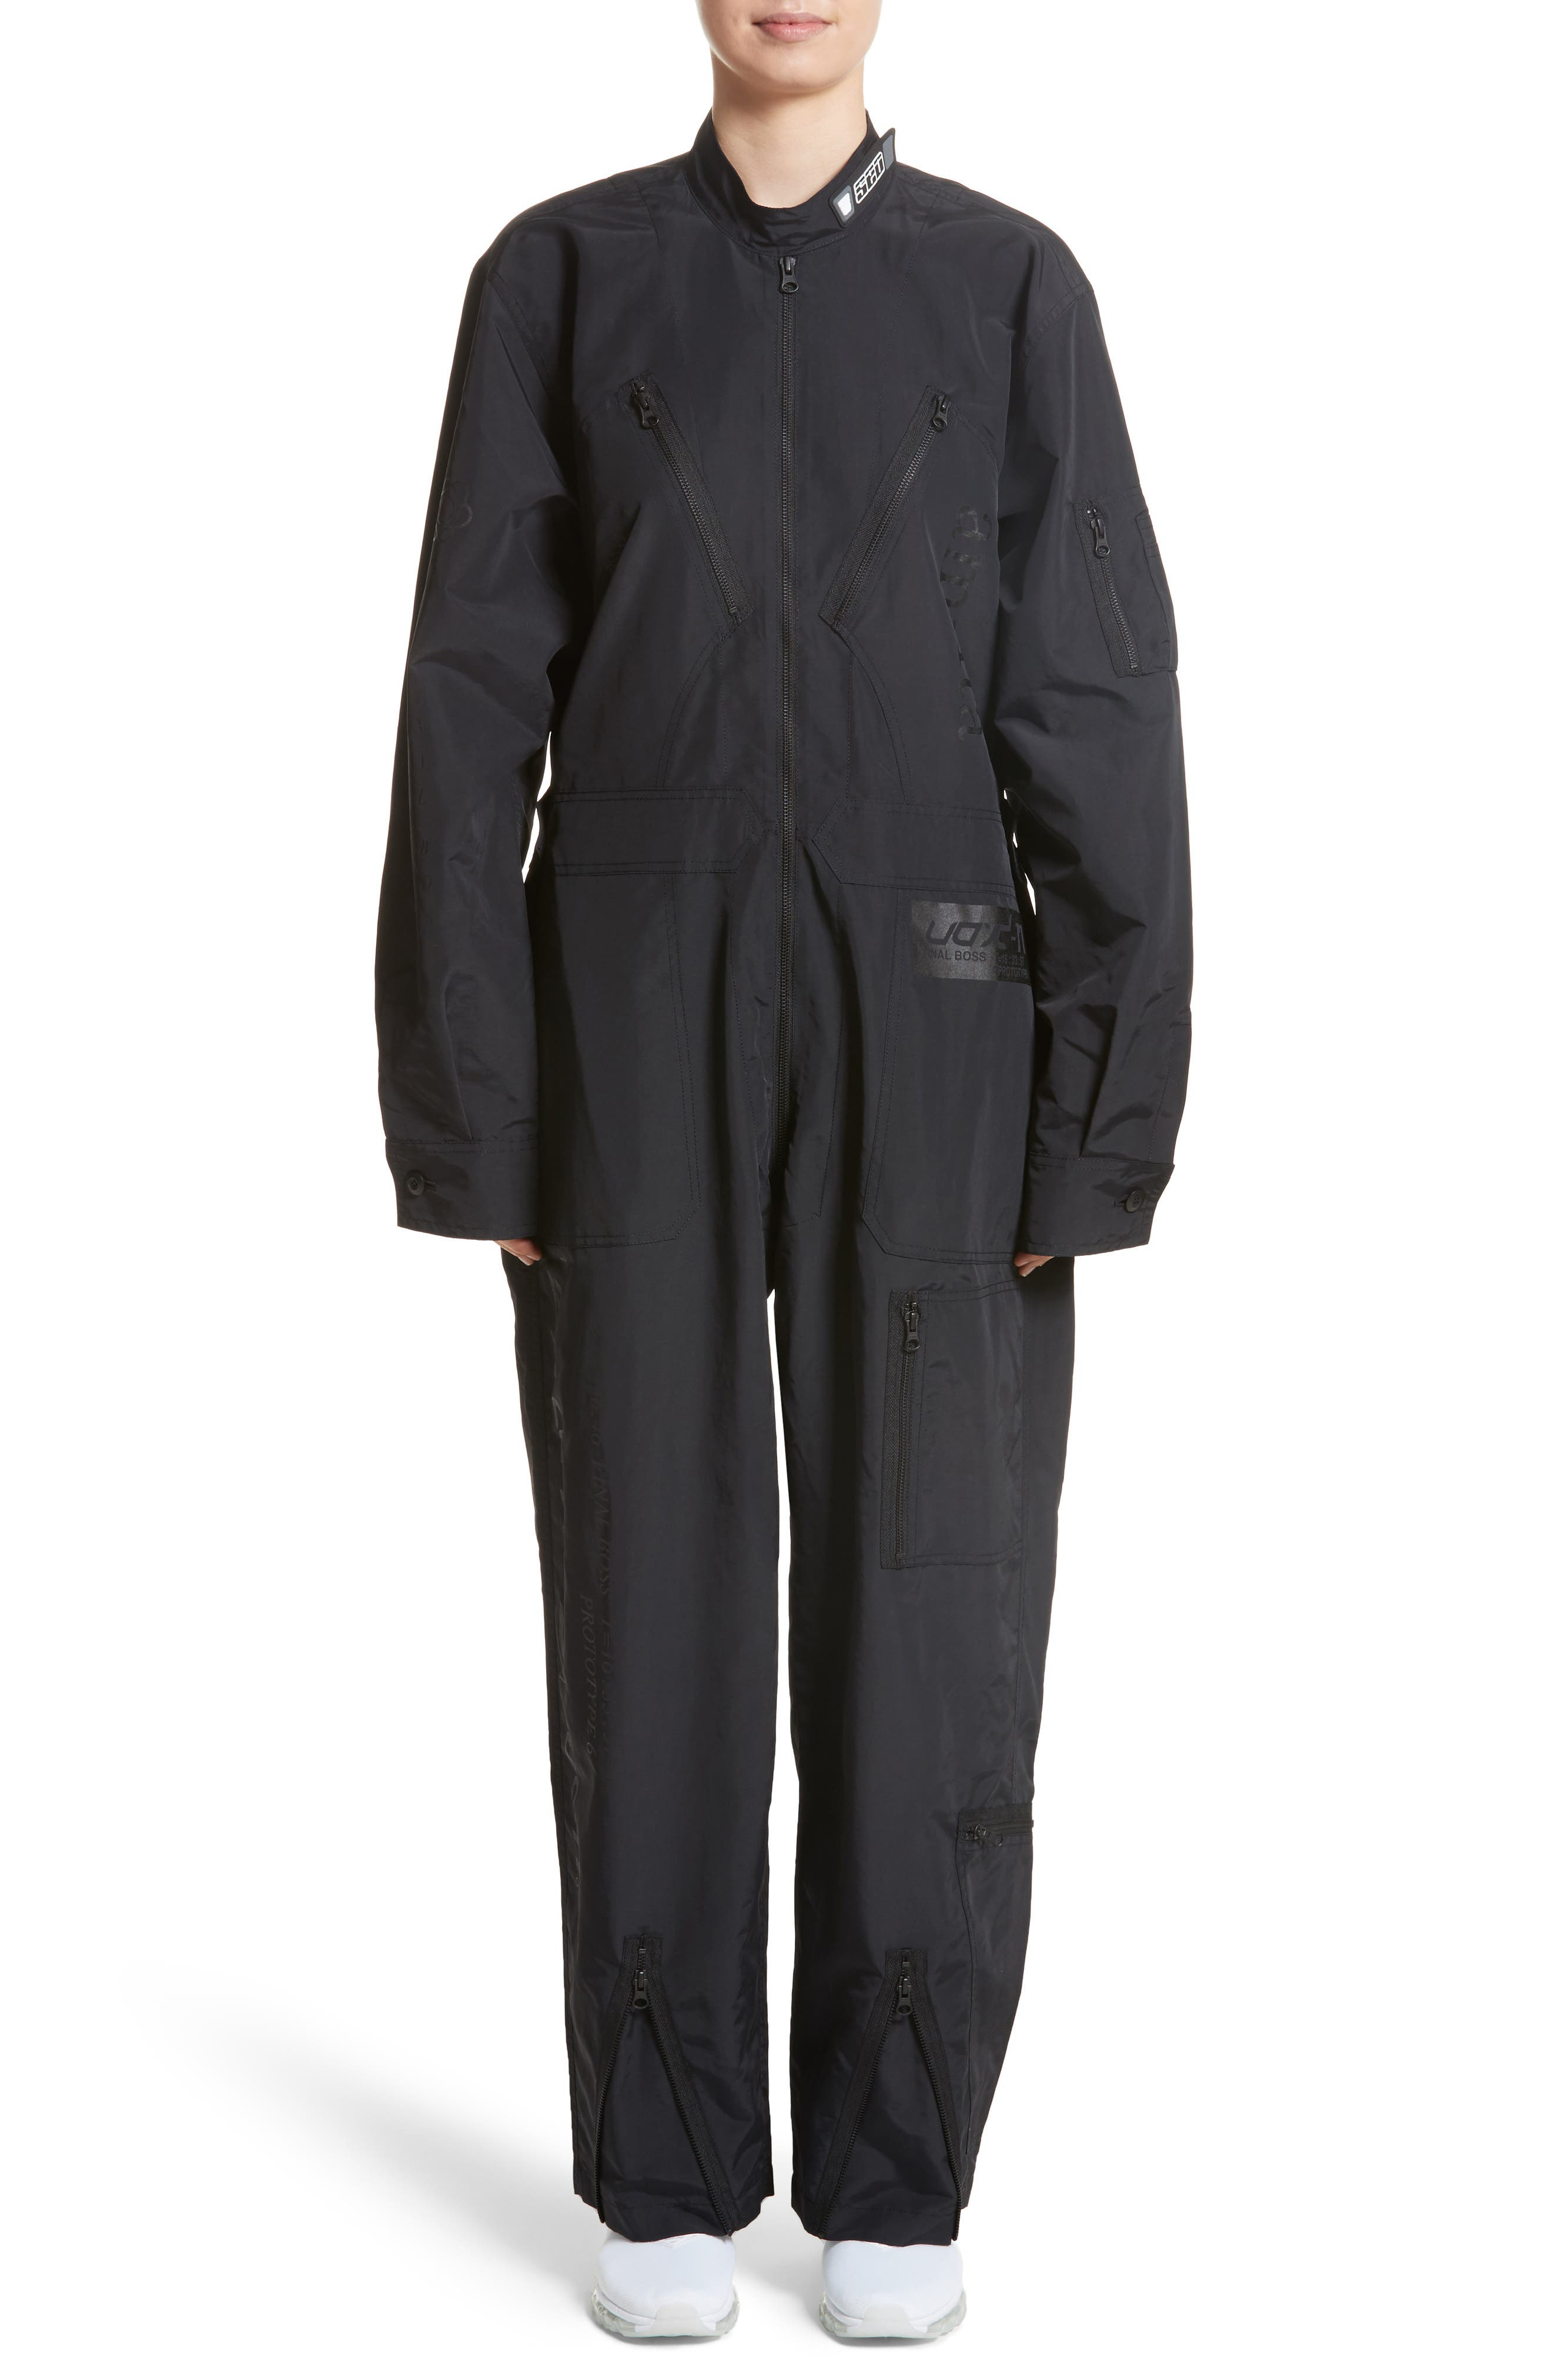 Kaneda Boiler Suit,                             Main thumbnail 1, color,                             001